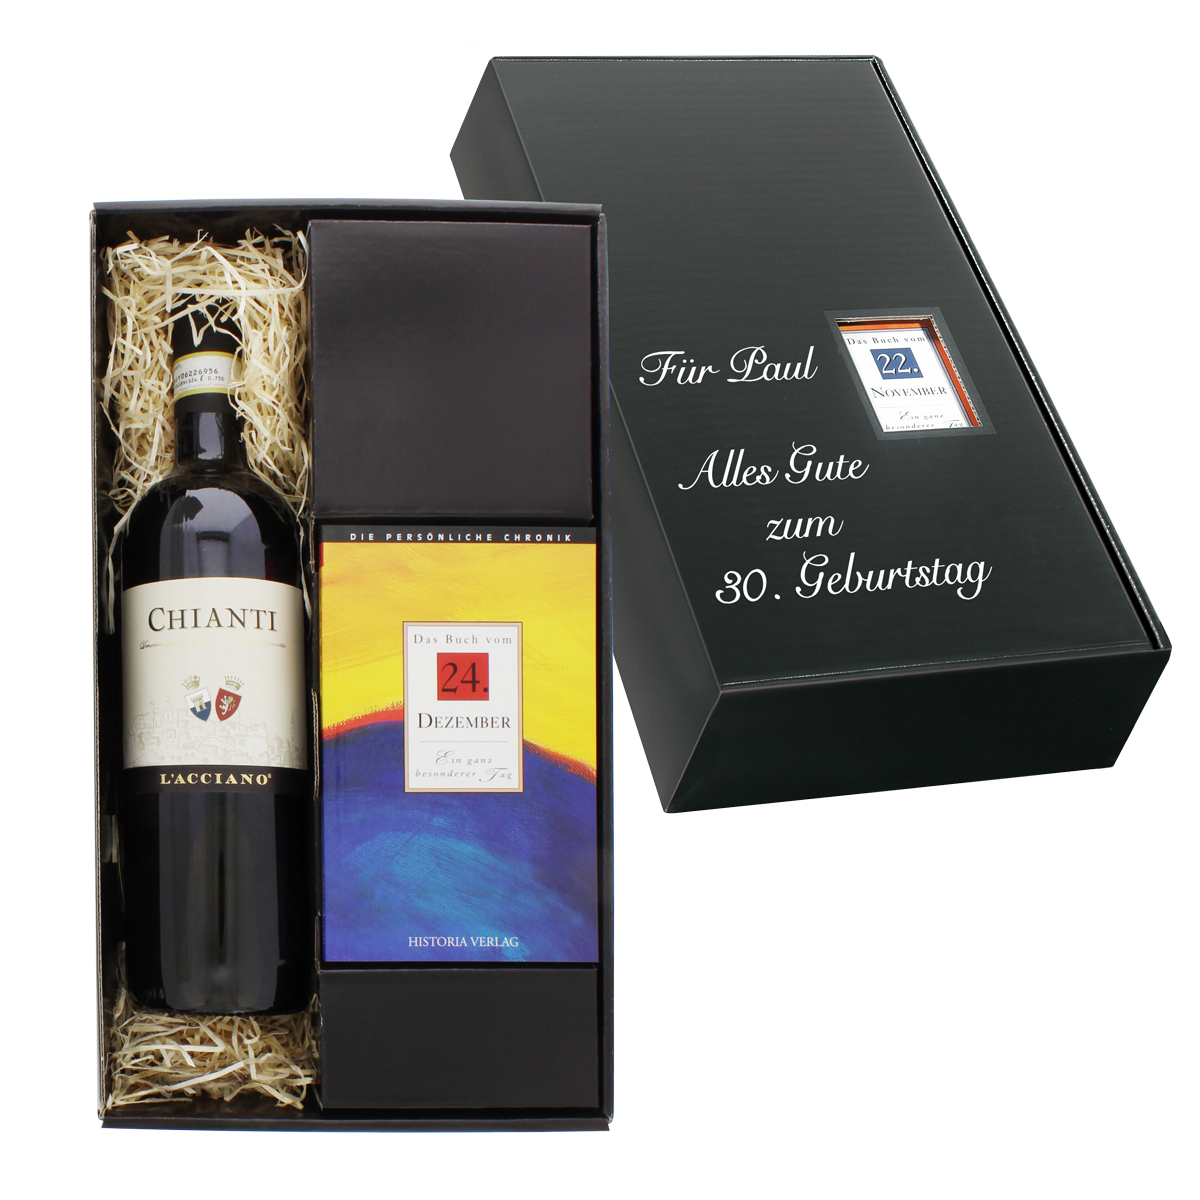 Italien-Set: Tageschronik vom 13. Februar & Chianti-Wein